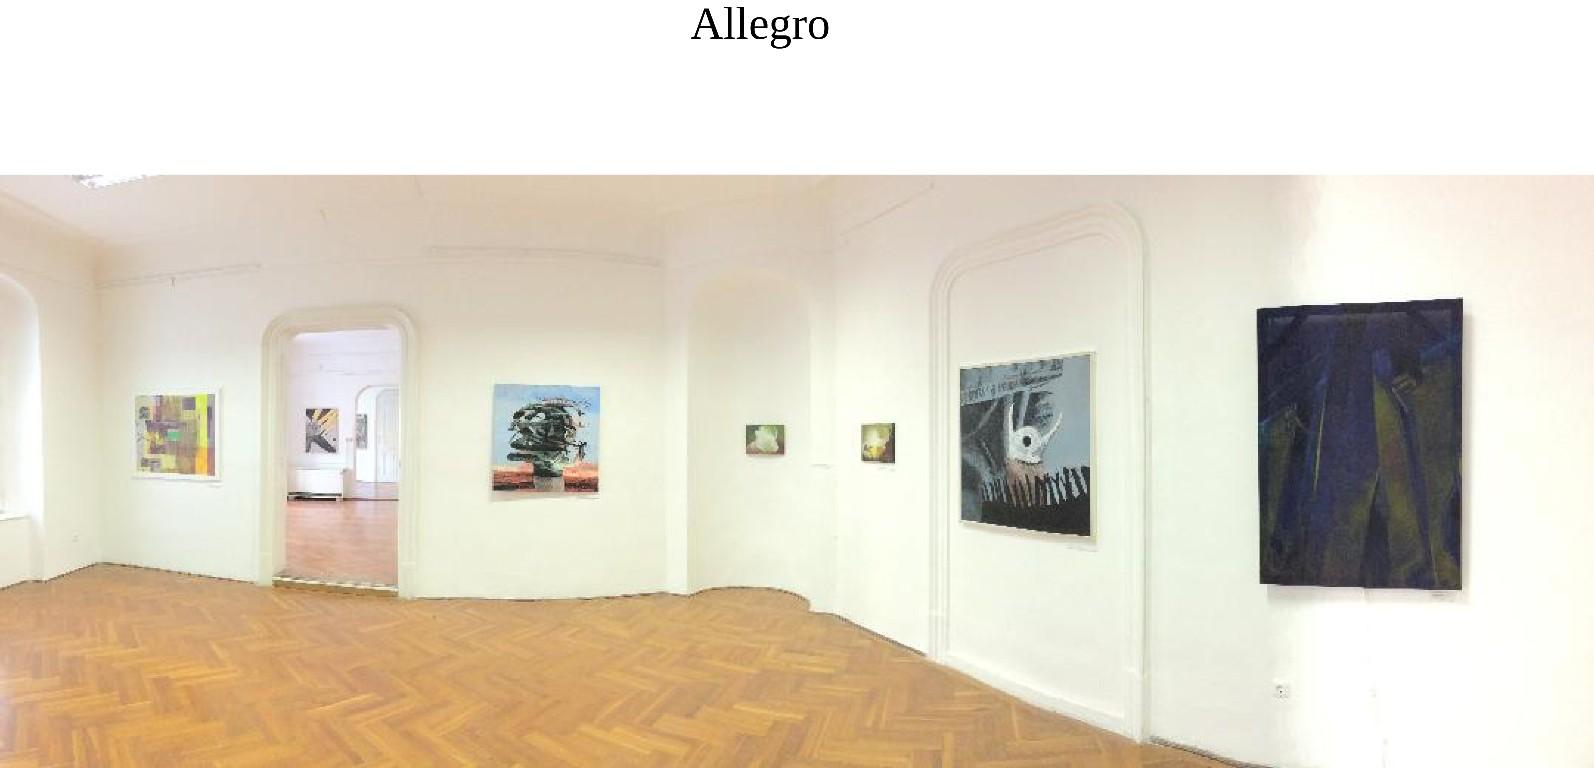 allegro-1